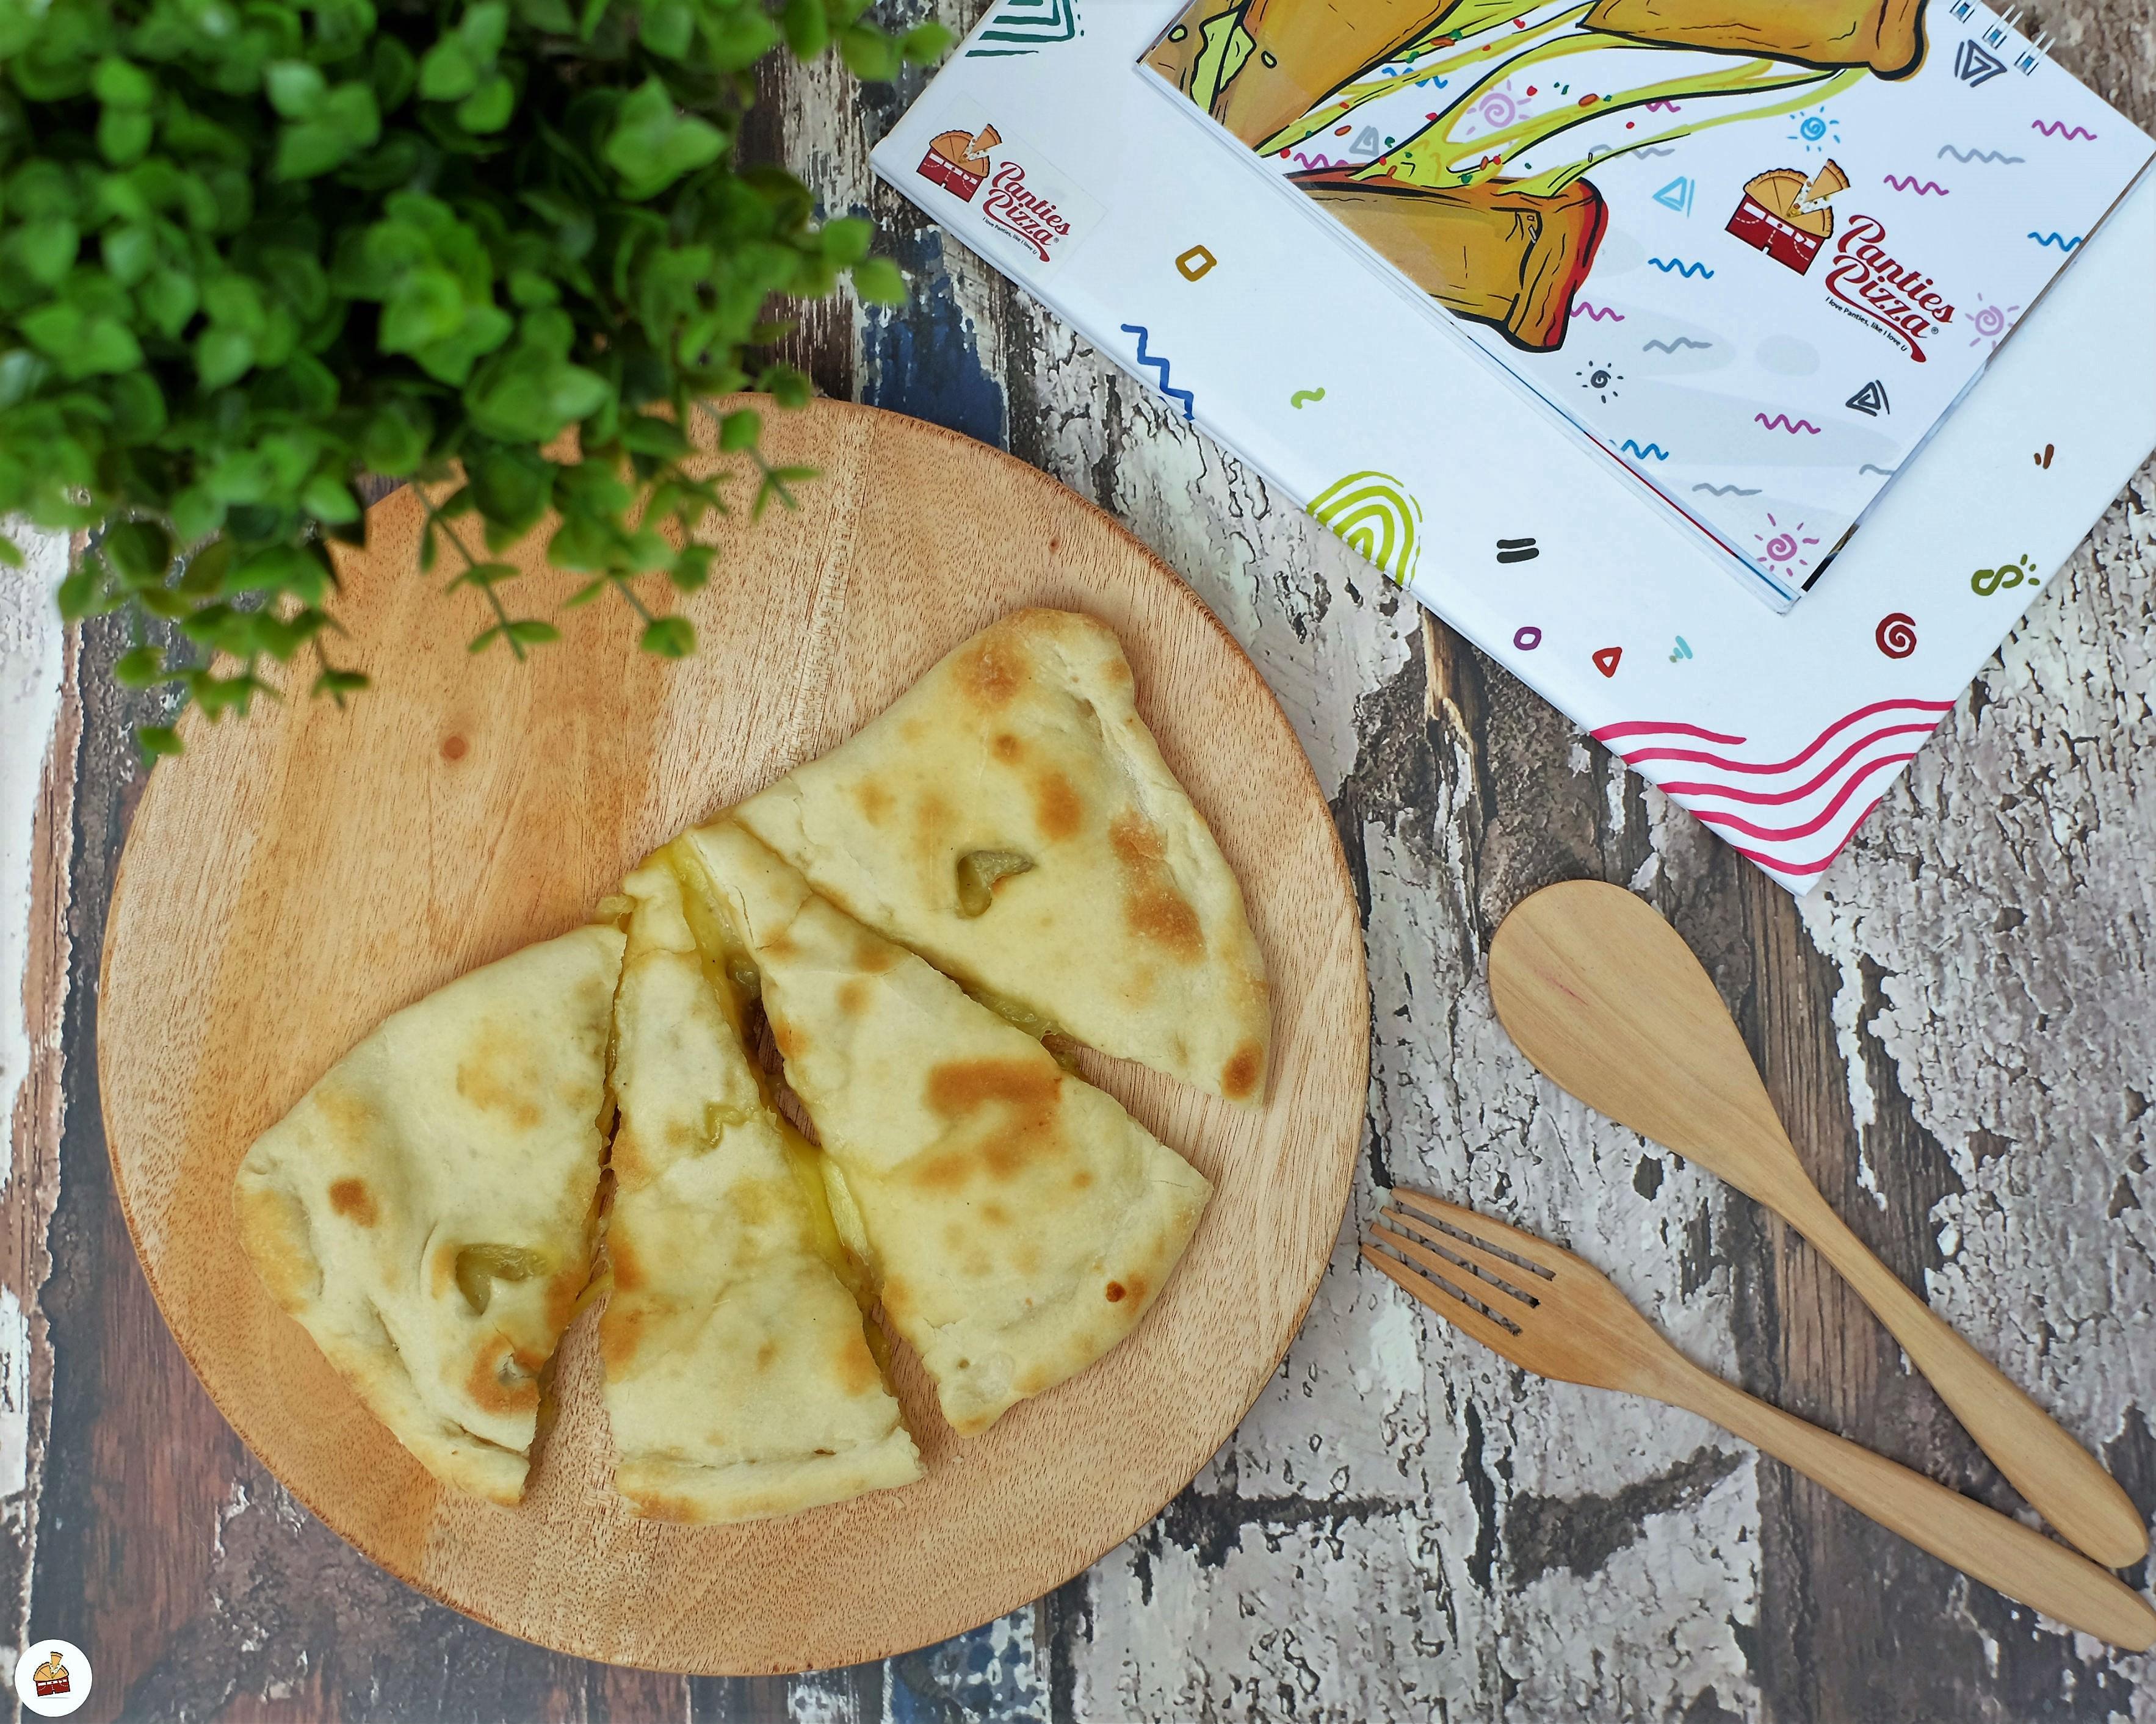 Lipatan Ditiap Irisannya Mengandung Mozzarella Yang Begitu Nikmat Penggugah Selera Mozzarela Terdapat Dalam Setiap Potongannya